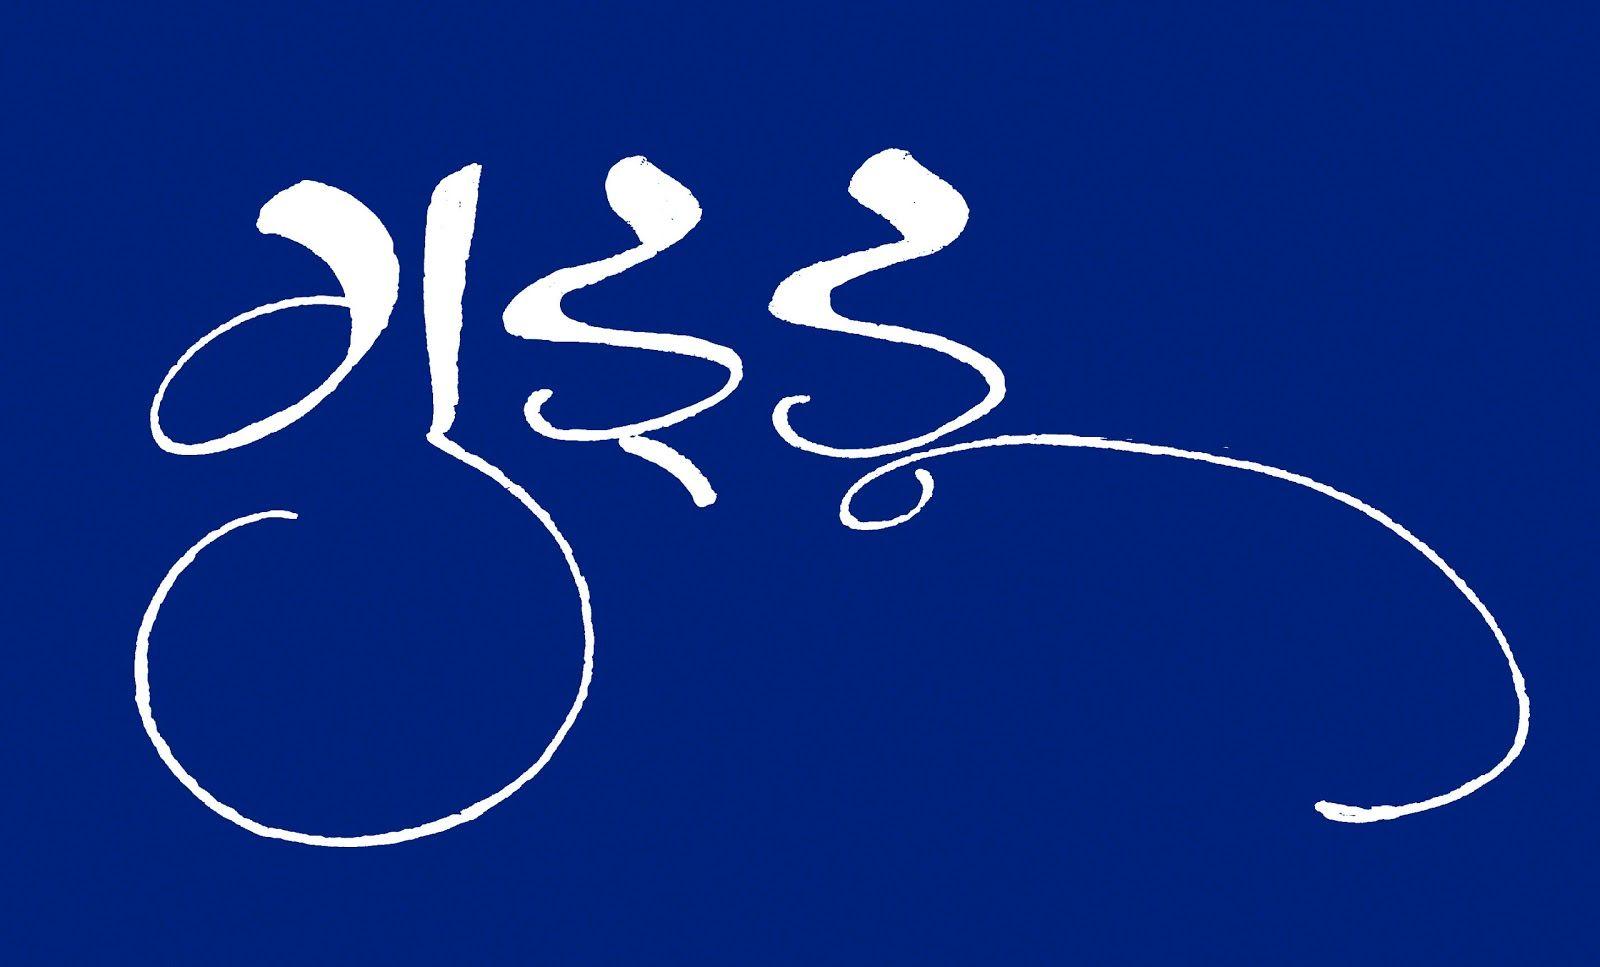 Beautiful Wallpaper Name Rahul - 07fa22db4d3376cadf5ec17aff66cff5  Image_24513.jpg